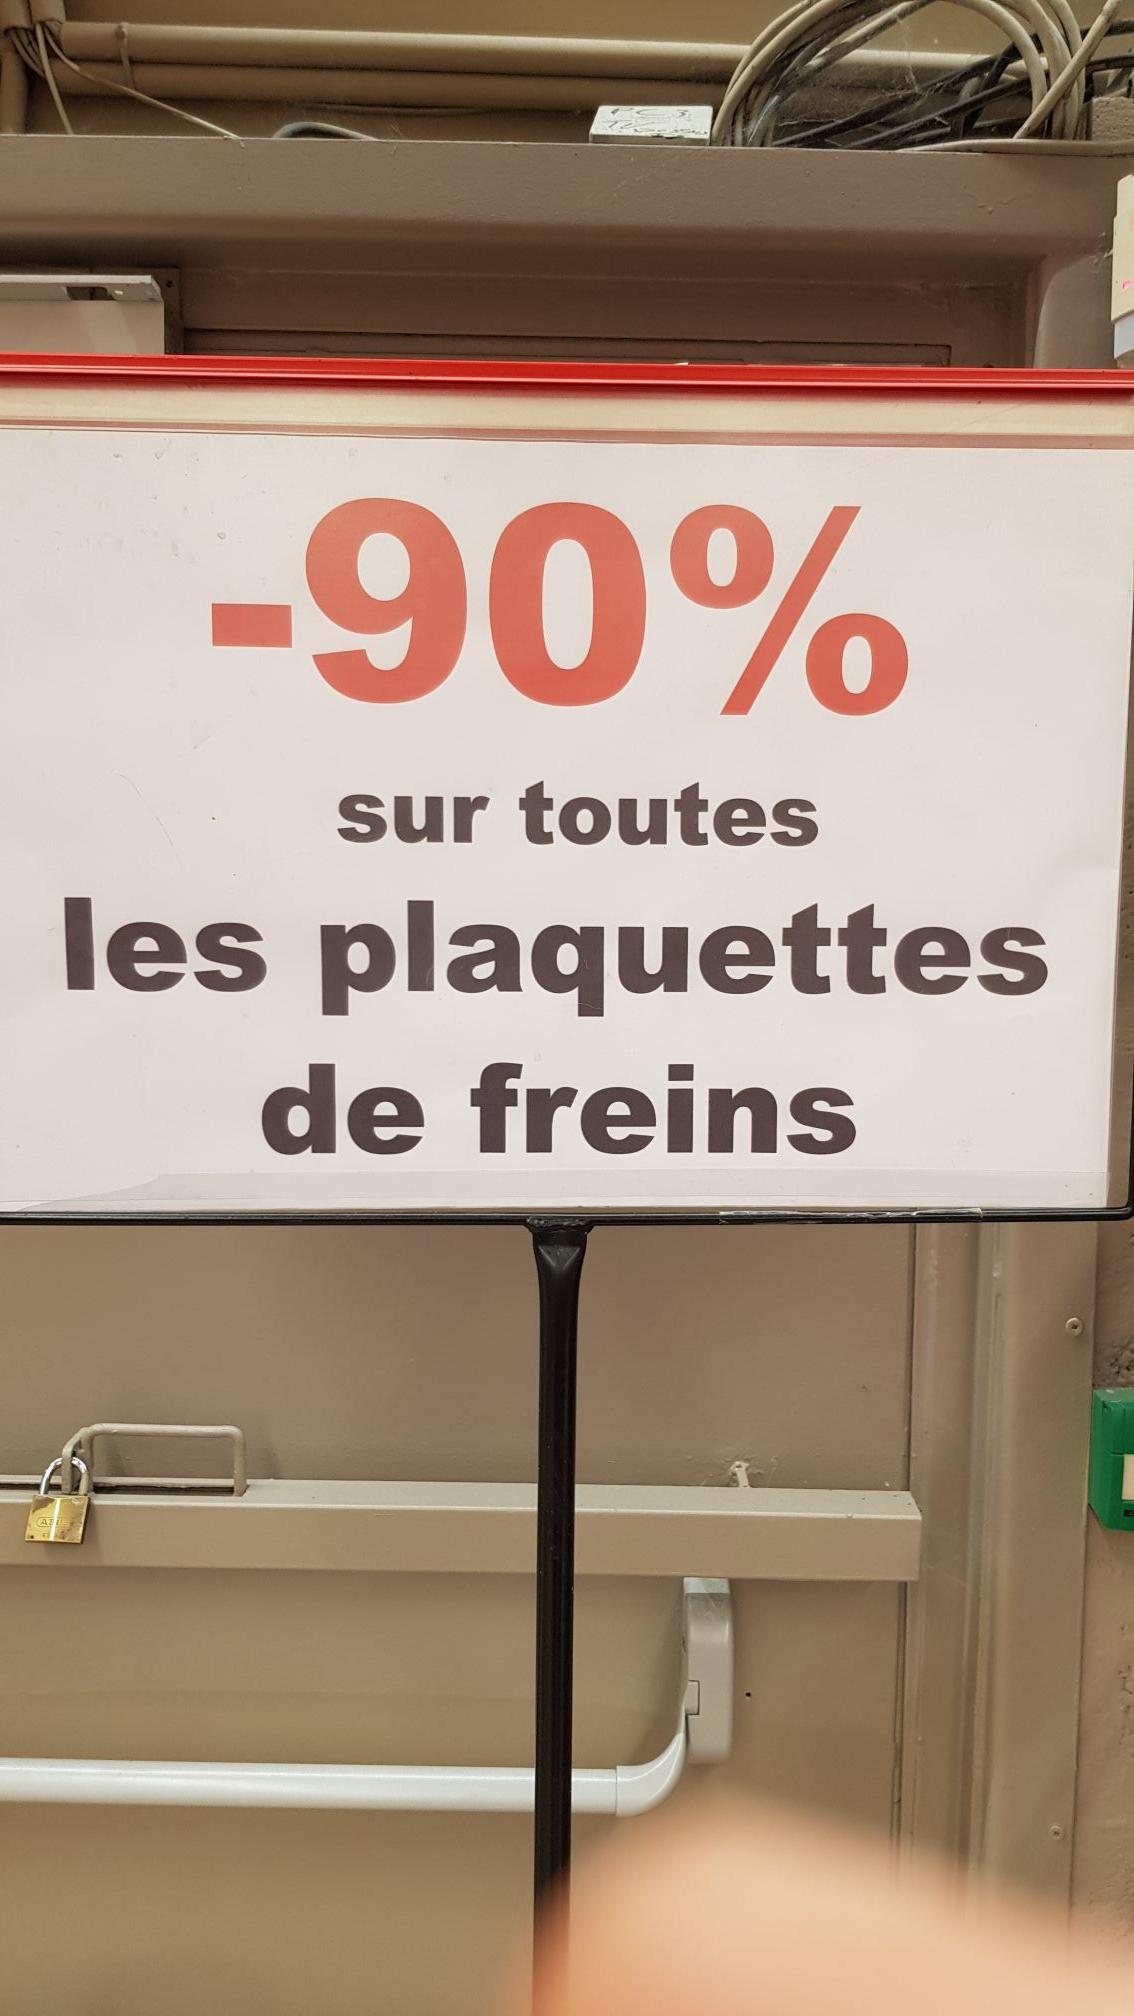 90% de réduction sur toutes les Plaquettes de frein - Vaulx-en-Velin (69)